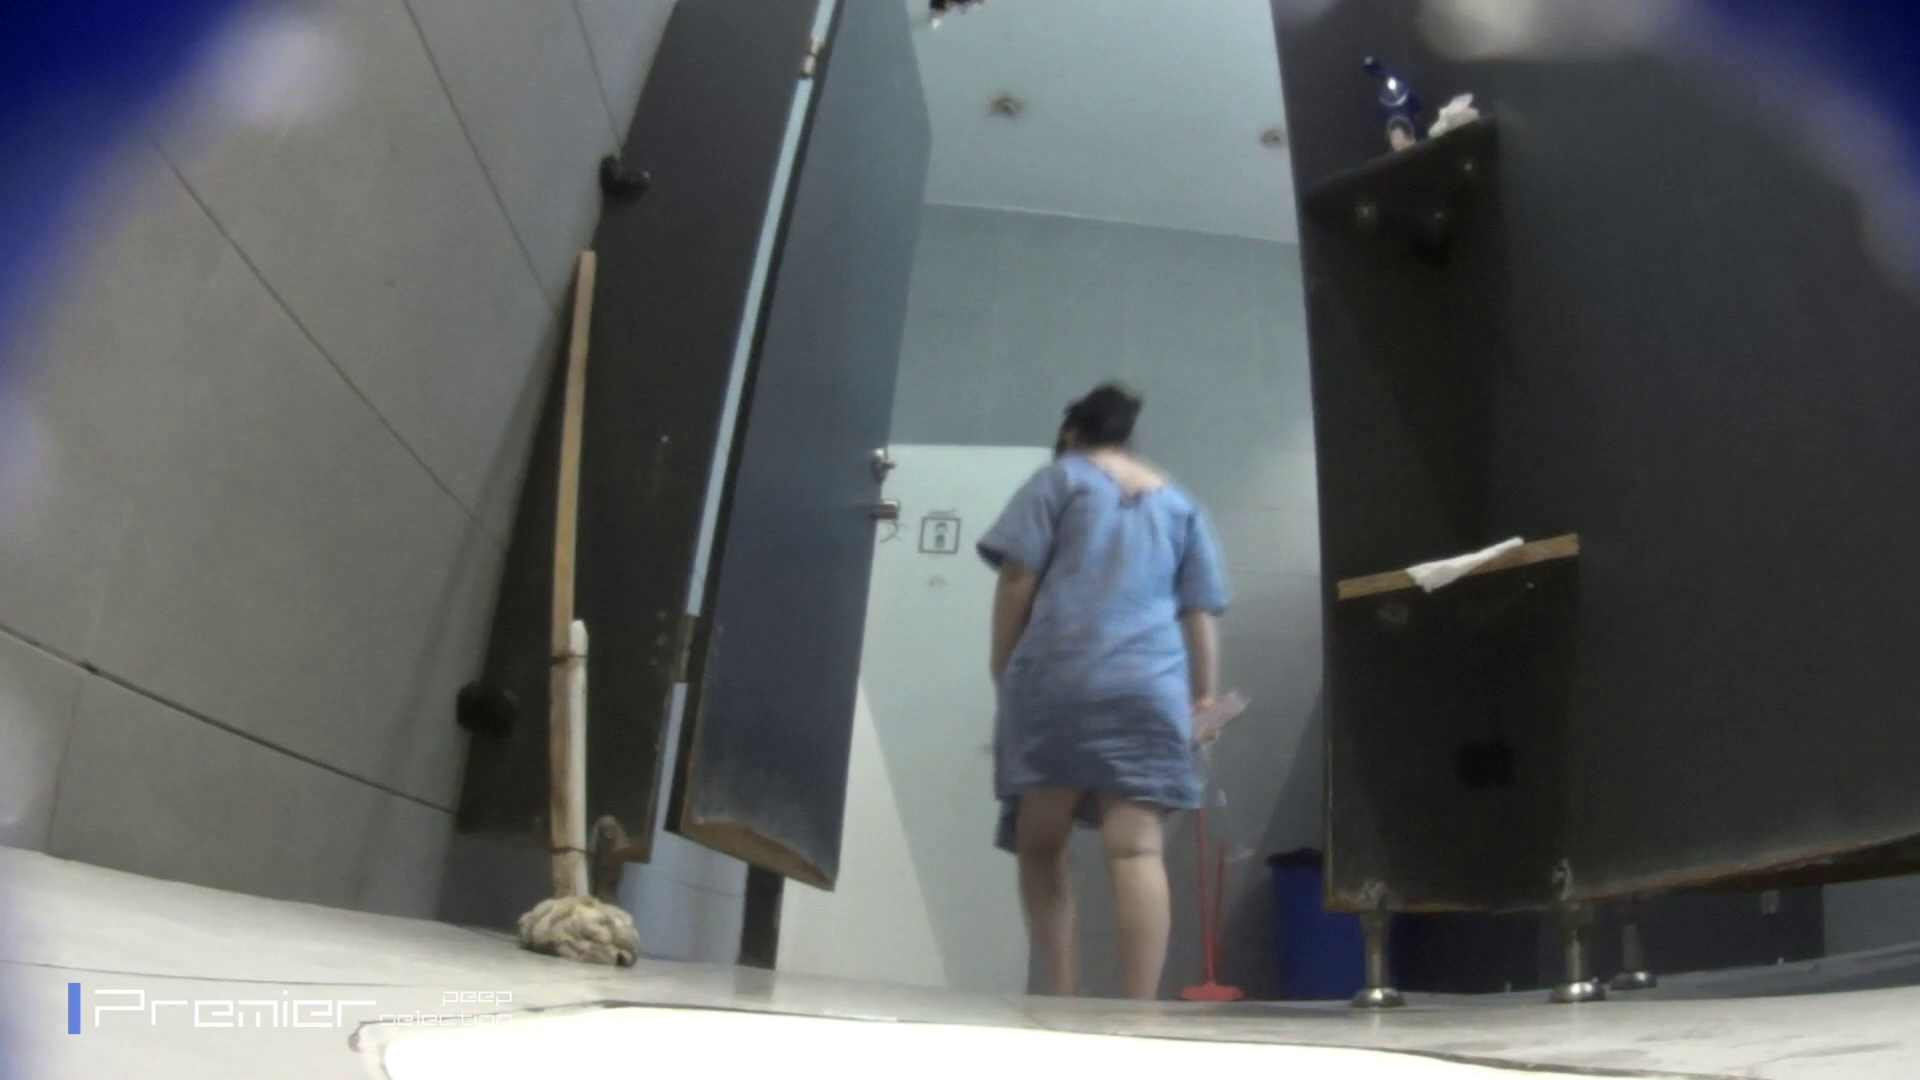 個室のドアを開けたまま放nyoする乙女 大学休憩時間の洗面所事情85 美女 オマンコ無修正動画無料 89画像 32